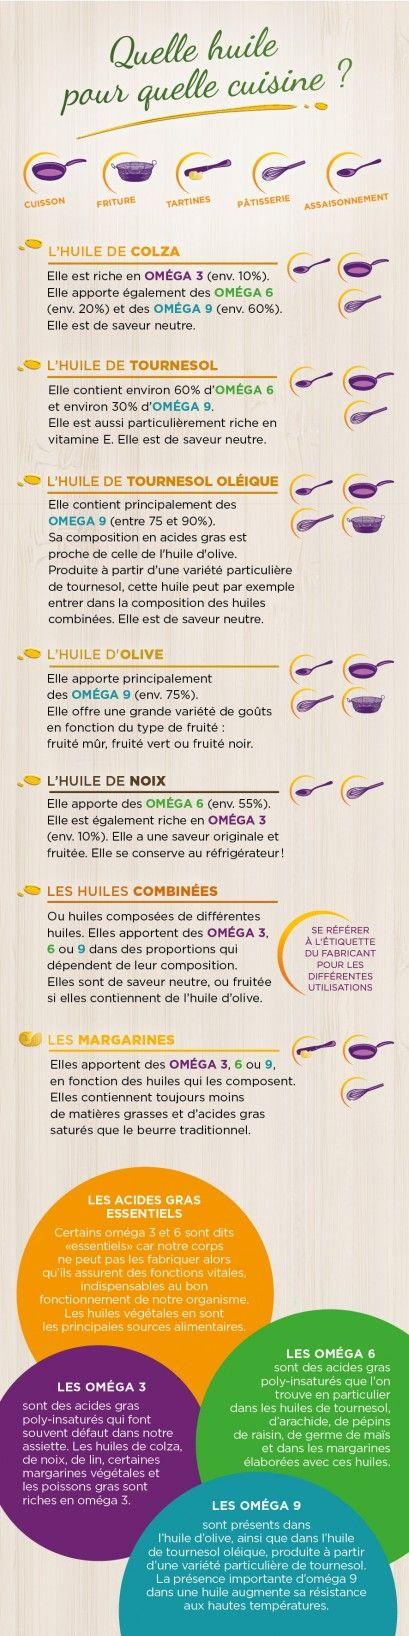 Quelle huile pour quelle cuisine Et ici : les bienfaits de quels oméga http://www.passeportsante.net/fr/Solutions/PlantesSupplements/Fiche.aspx?doc=acides_gras_omega-9_ps